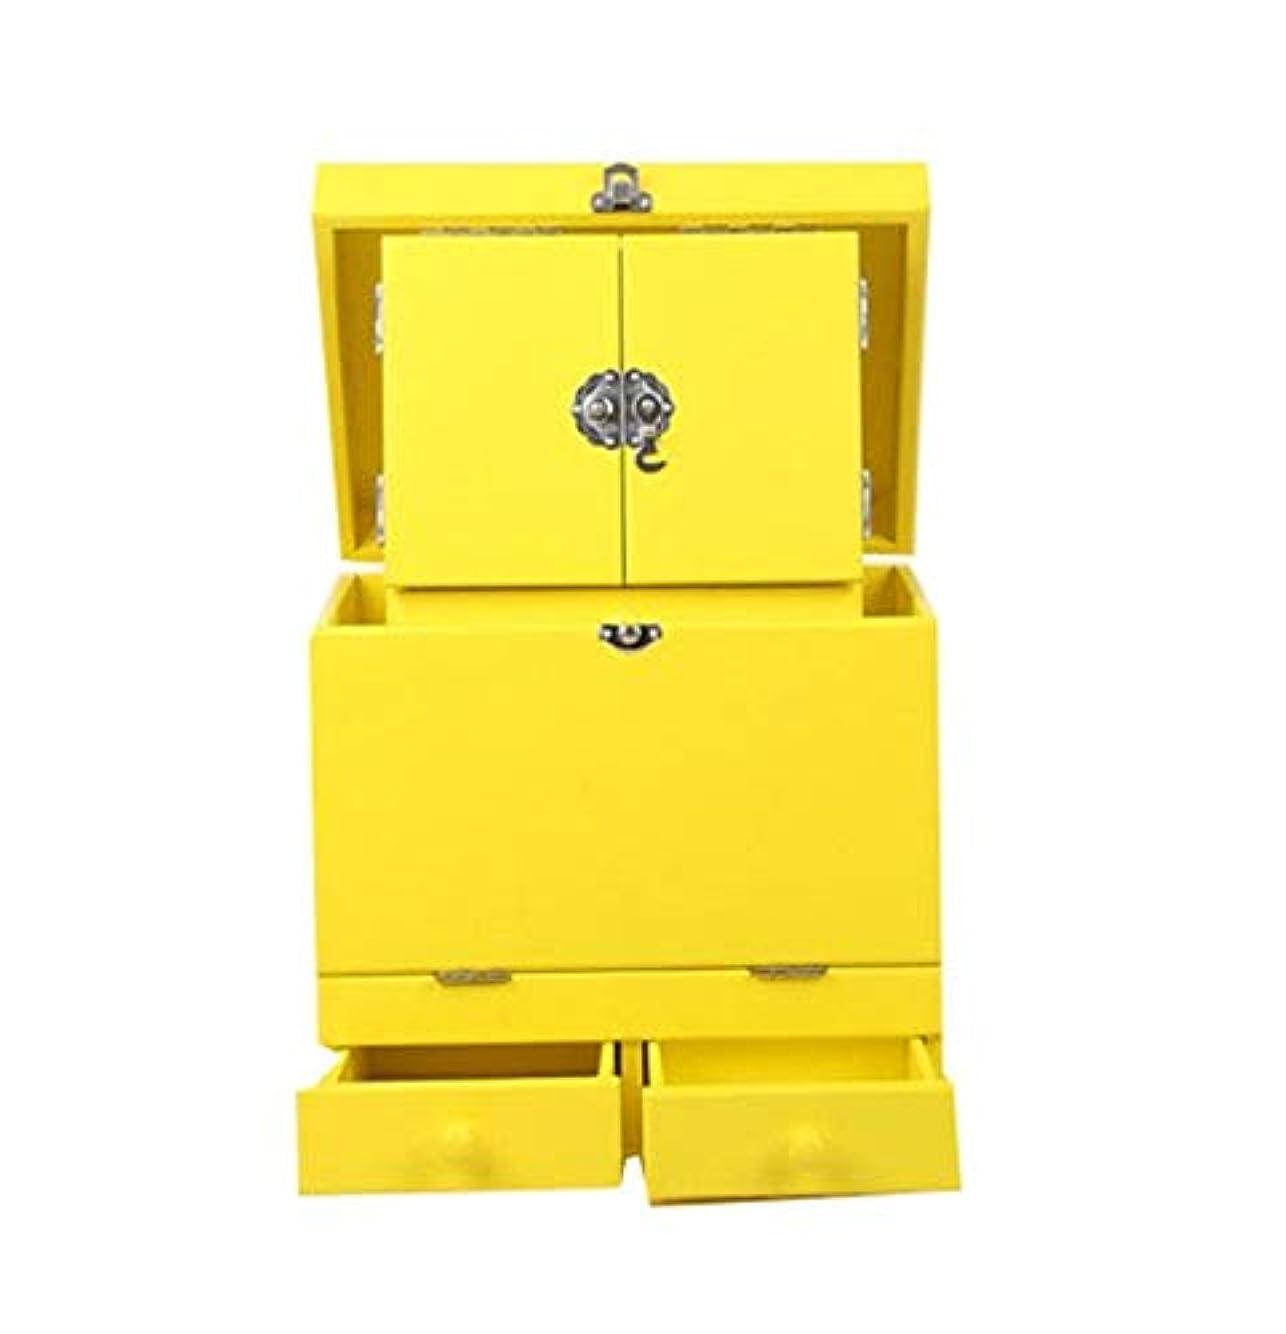 煙突純粋な舌な化粧箱、黄色のダブルデッカーヴィンテージ木製彫刻が施された化粧ケース、ミラー、高級ウェディングギフト、新築祝いギフト、美容ネイルジュエリー収納ボックス